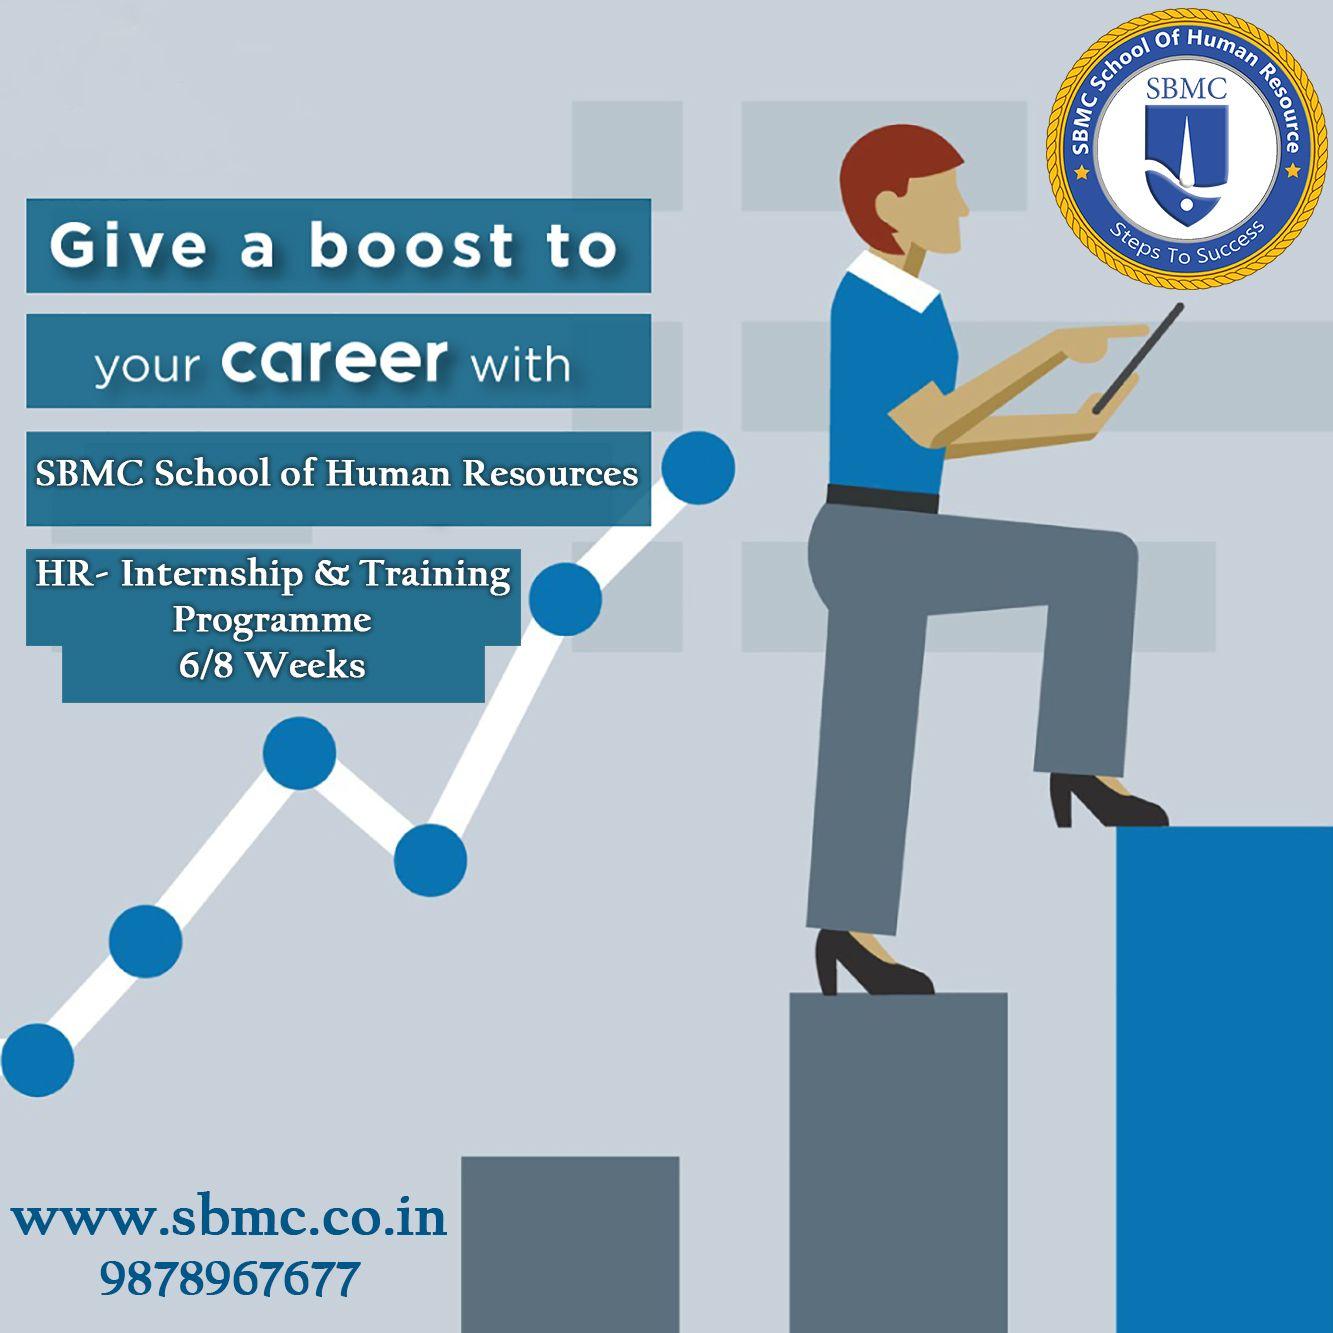 #SBMC #HR #Training #HR # Internship 6 #Weeks 4 #Weeks